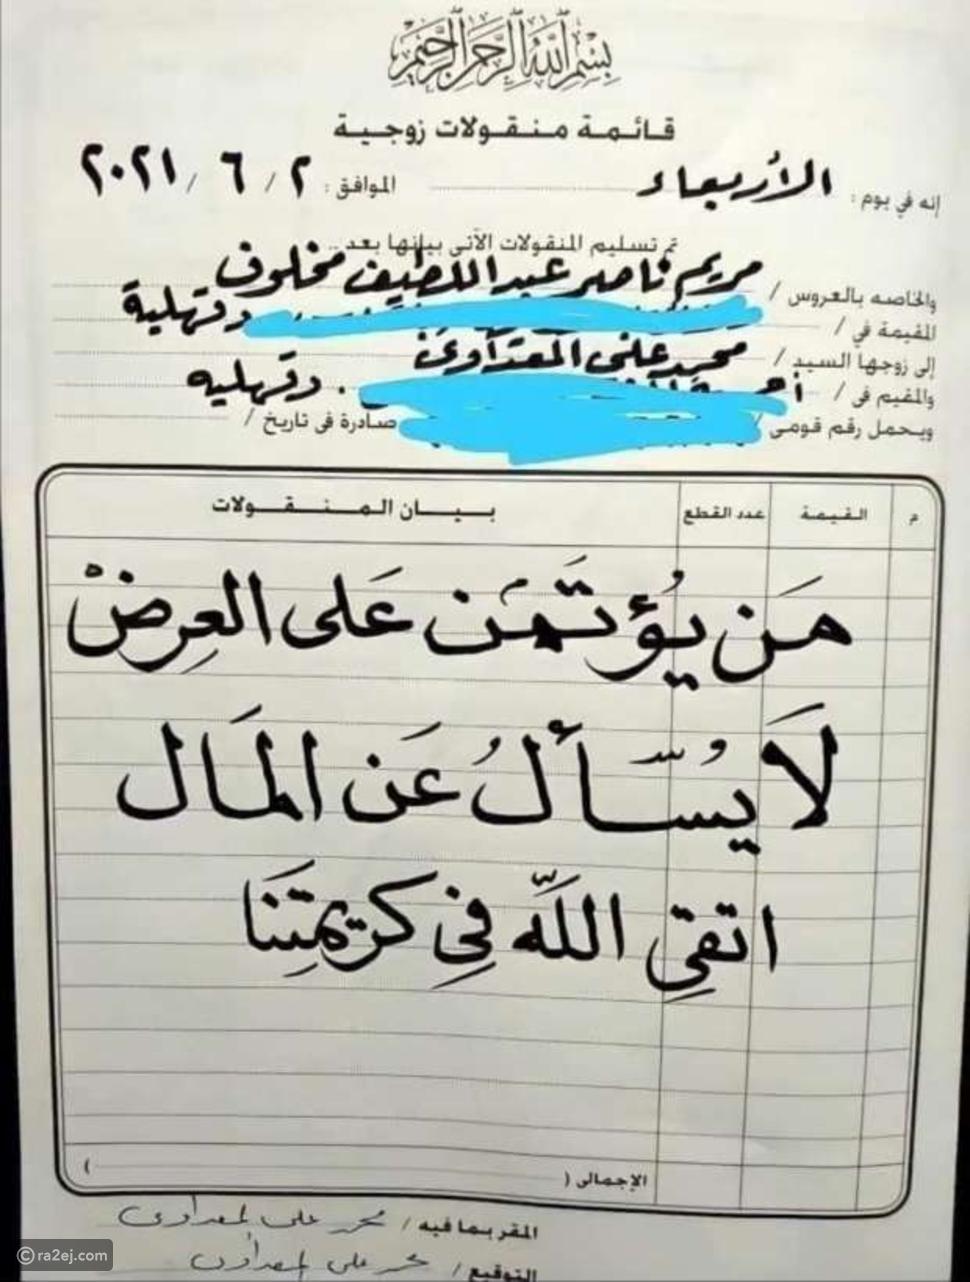 قائمة الزواج تثير الجدل في مصر: ما حكمها في الشريعة الإسلامية؟